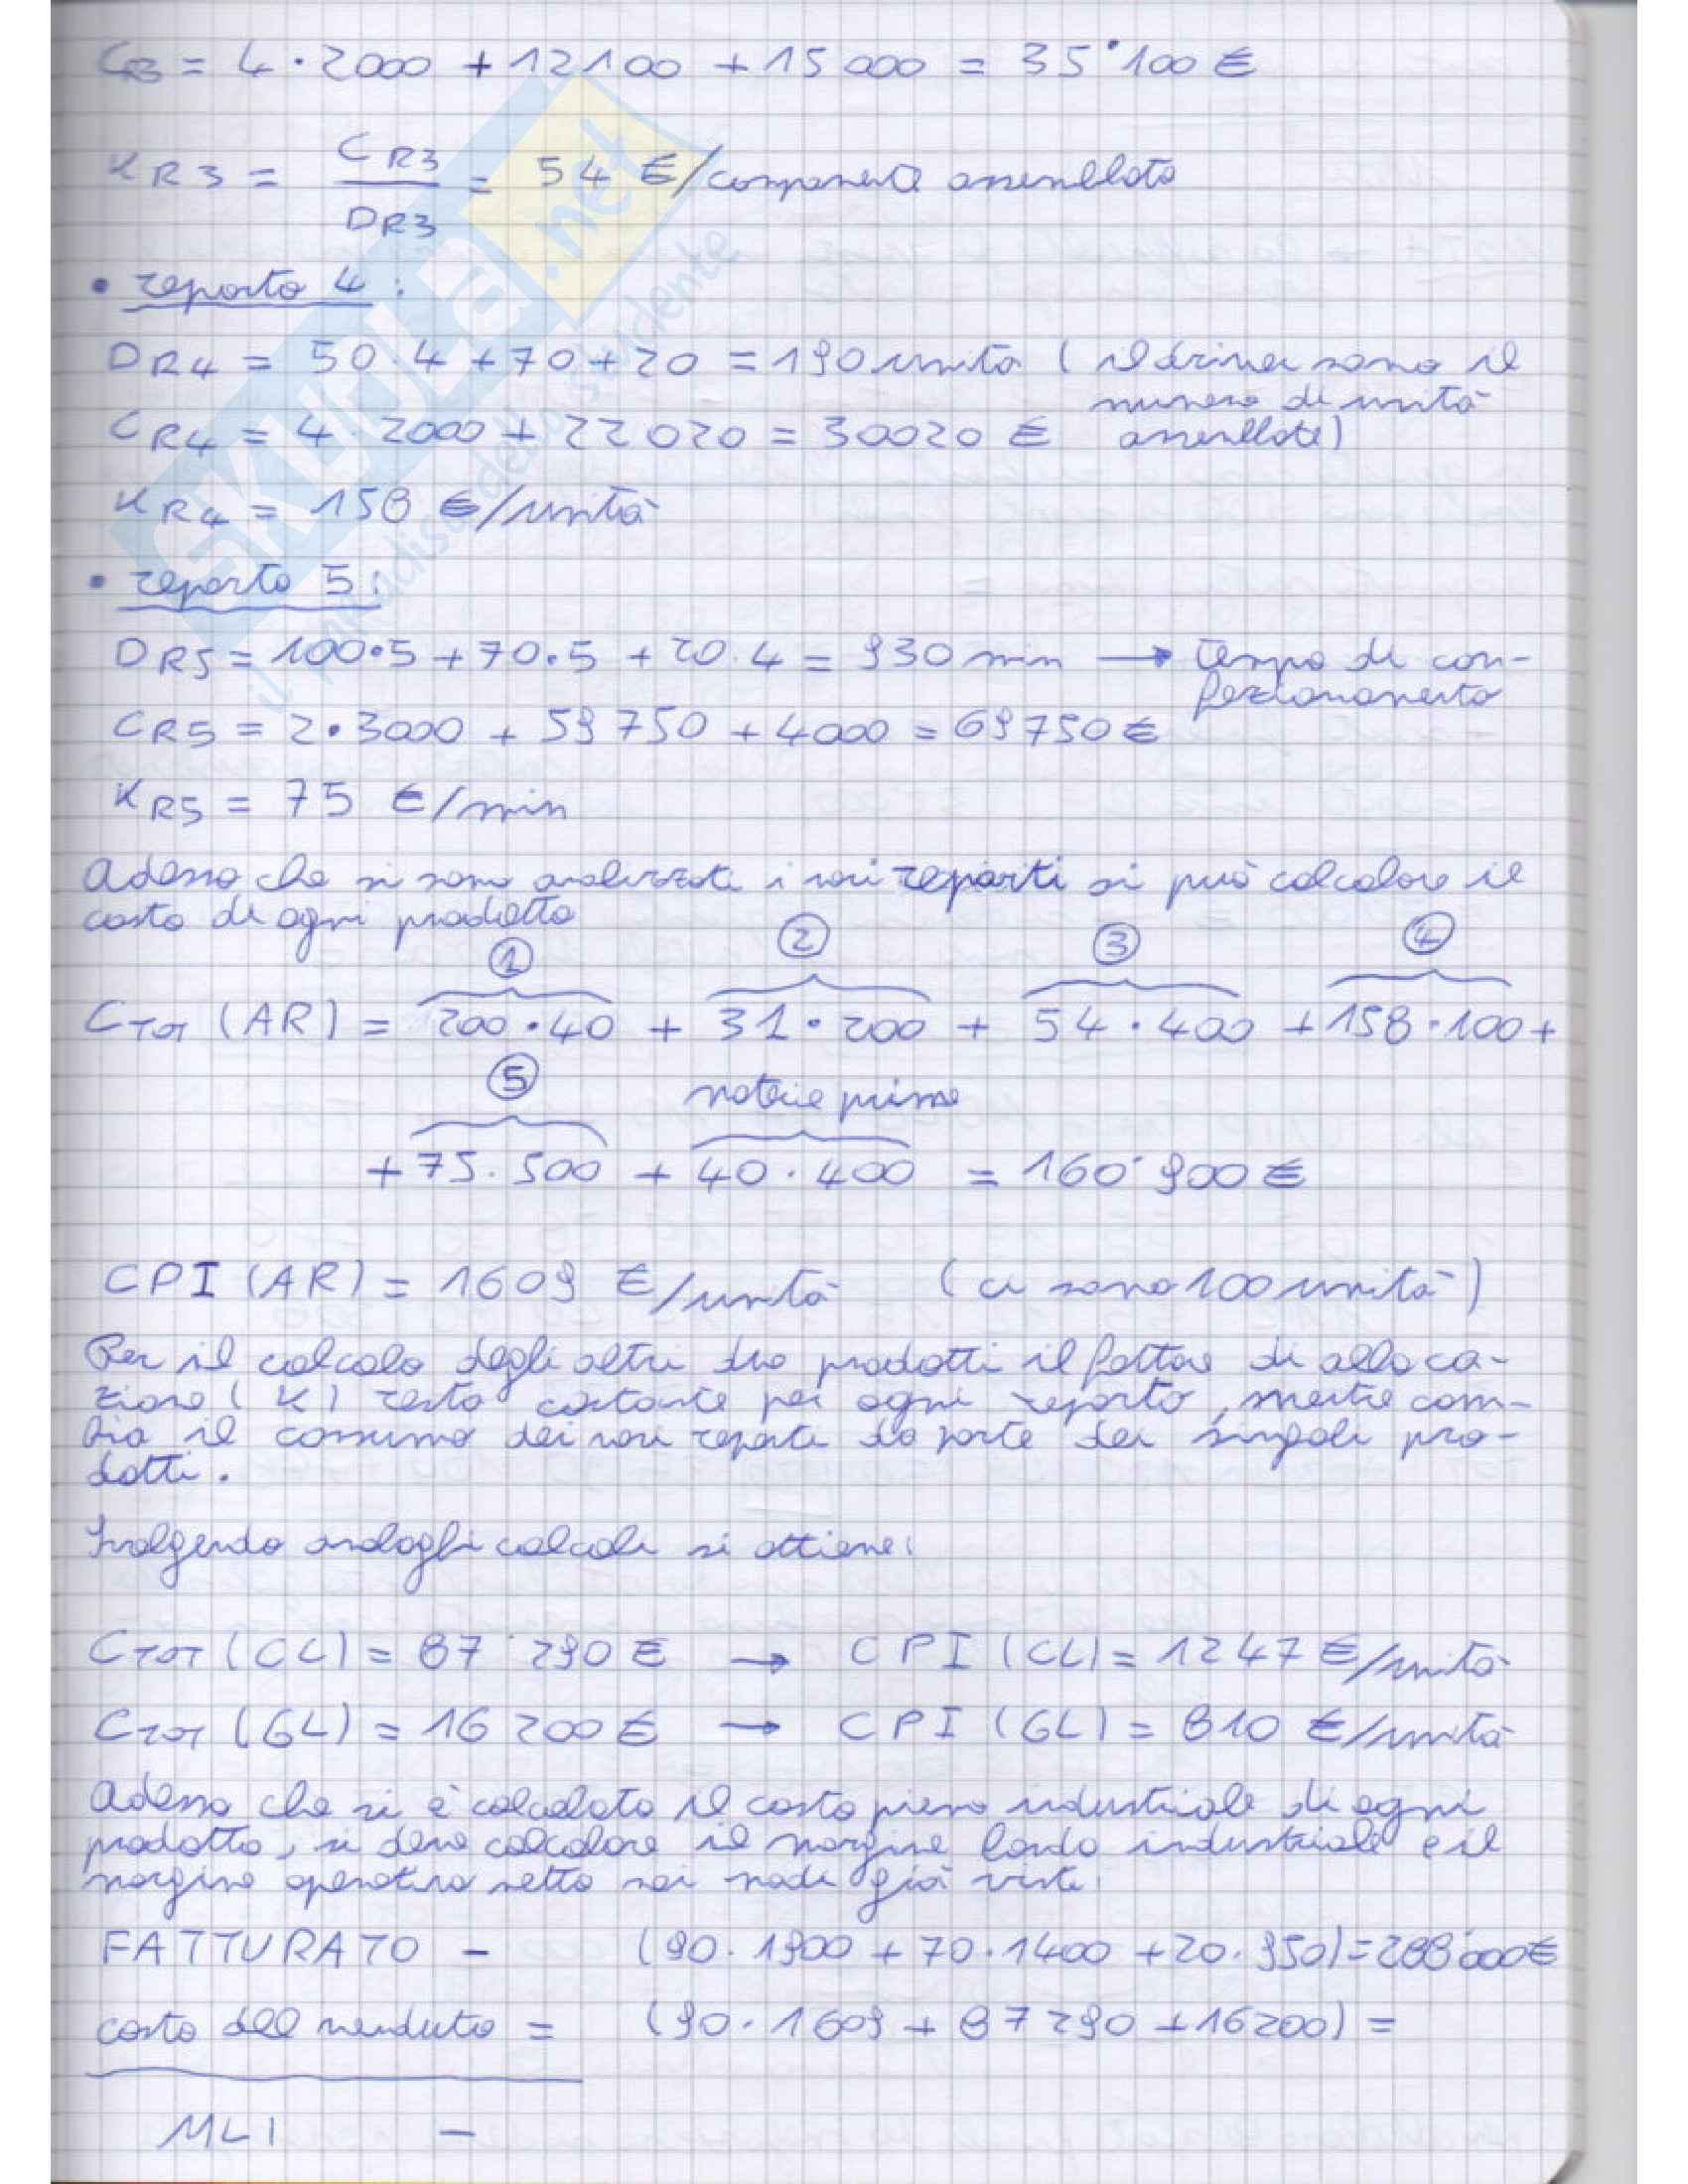 Impianti di produzone e organizzazione di impresa - Appunti Pag. 31